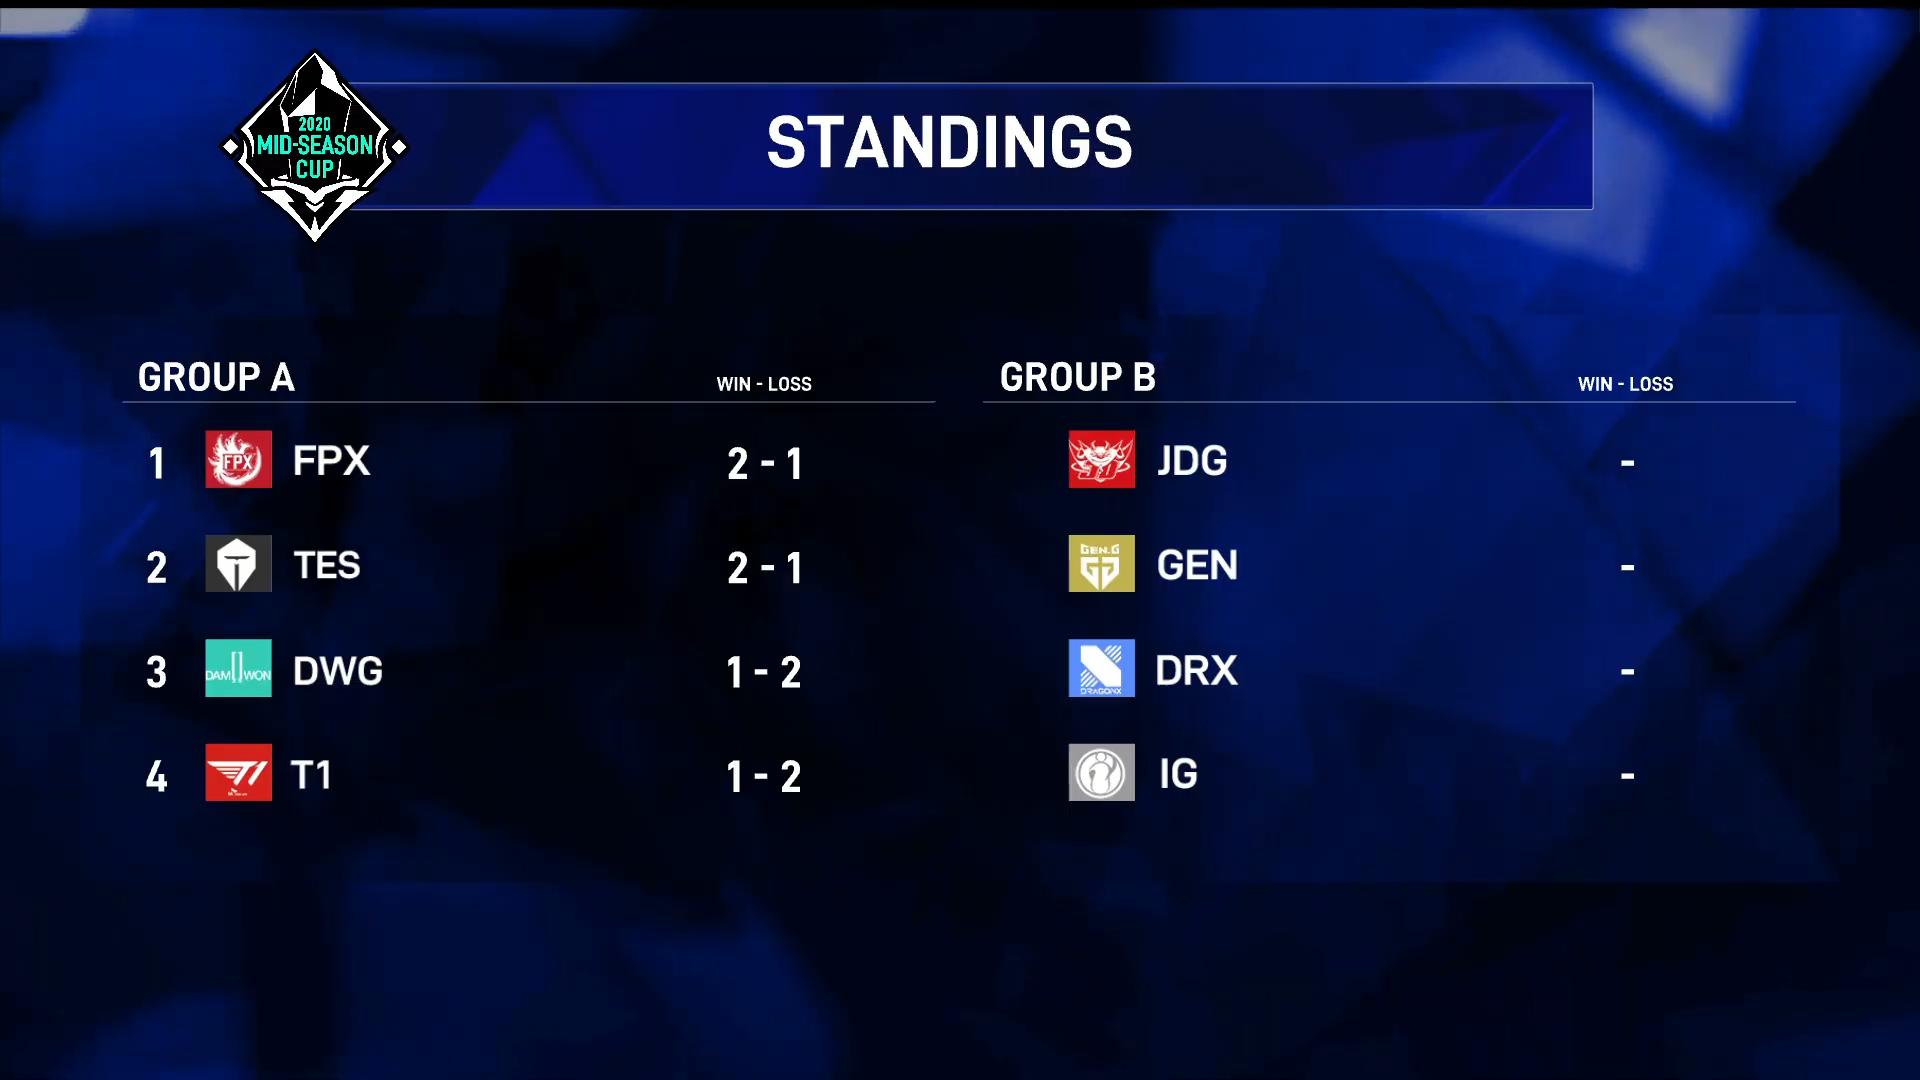 Bảng A Mid Season Cup: T1 và DWG bị loại, hai đại diện LPL xuất sắc tiến vào bán kết